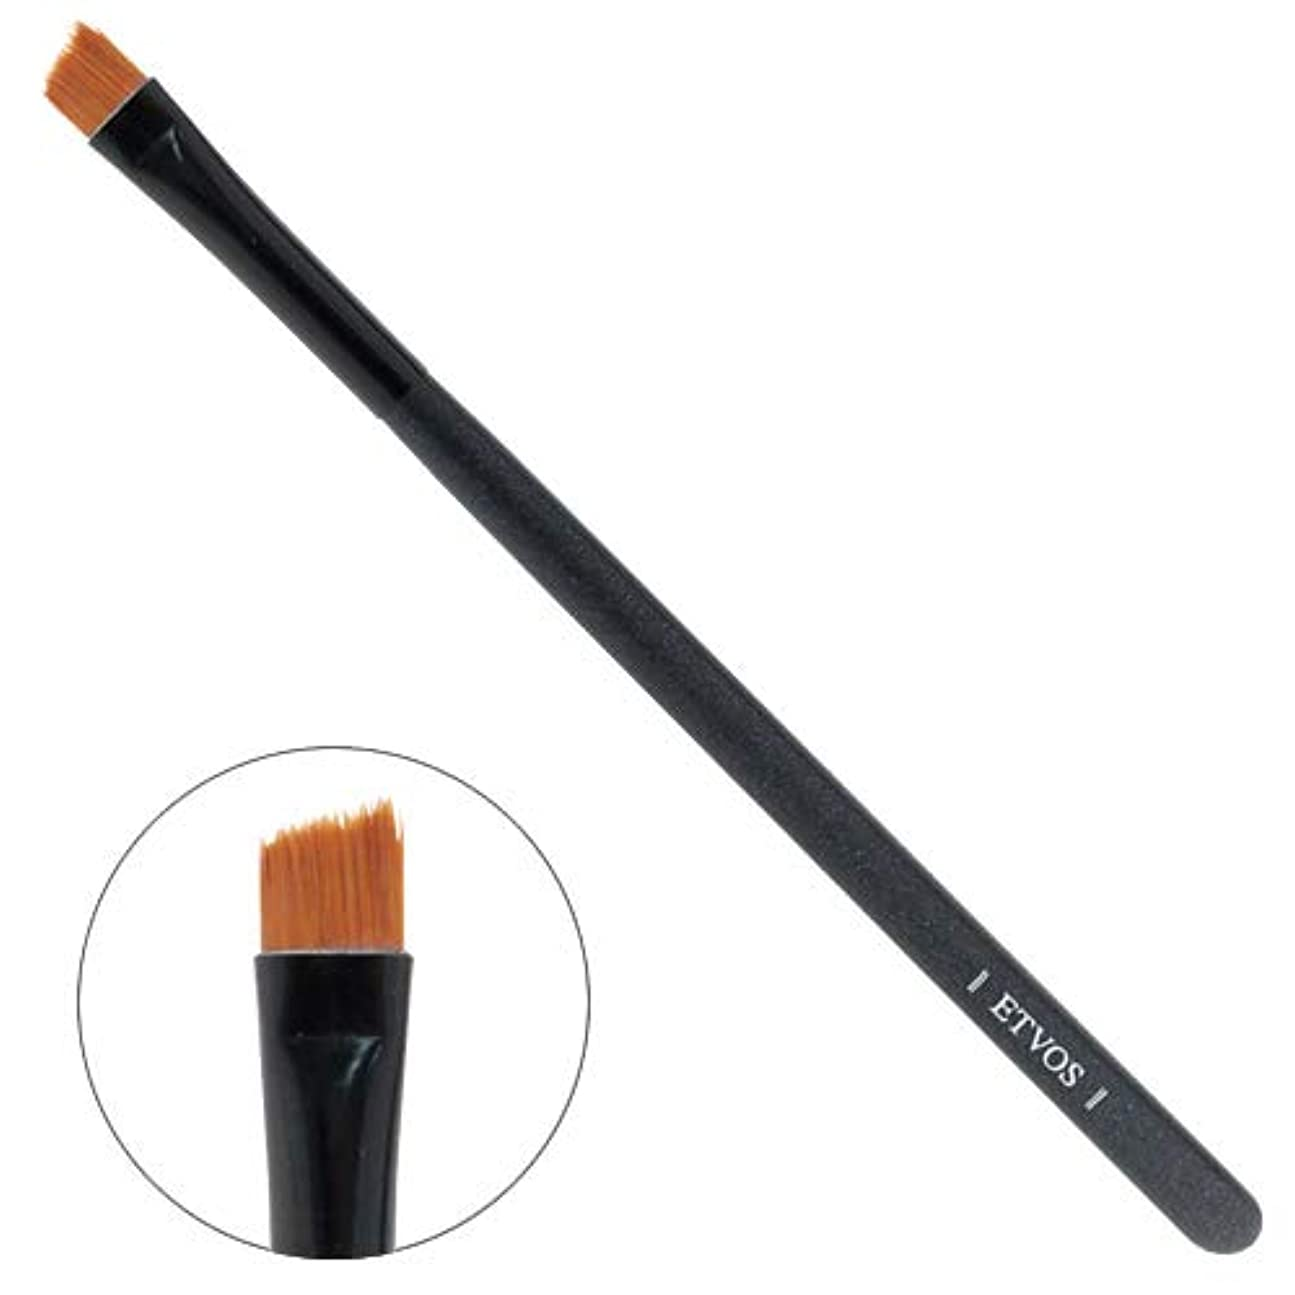 臭い操る決定ETVOS(エトヴォス) アイライナーブラシ 毛先を斜めカット/目のキワまでアイラインが引ける化粧筆 12.5cm